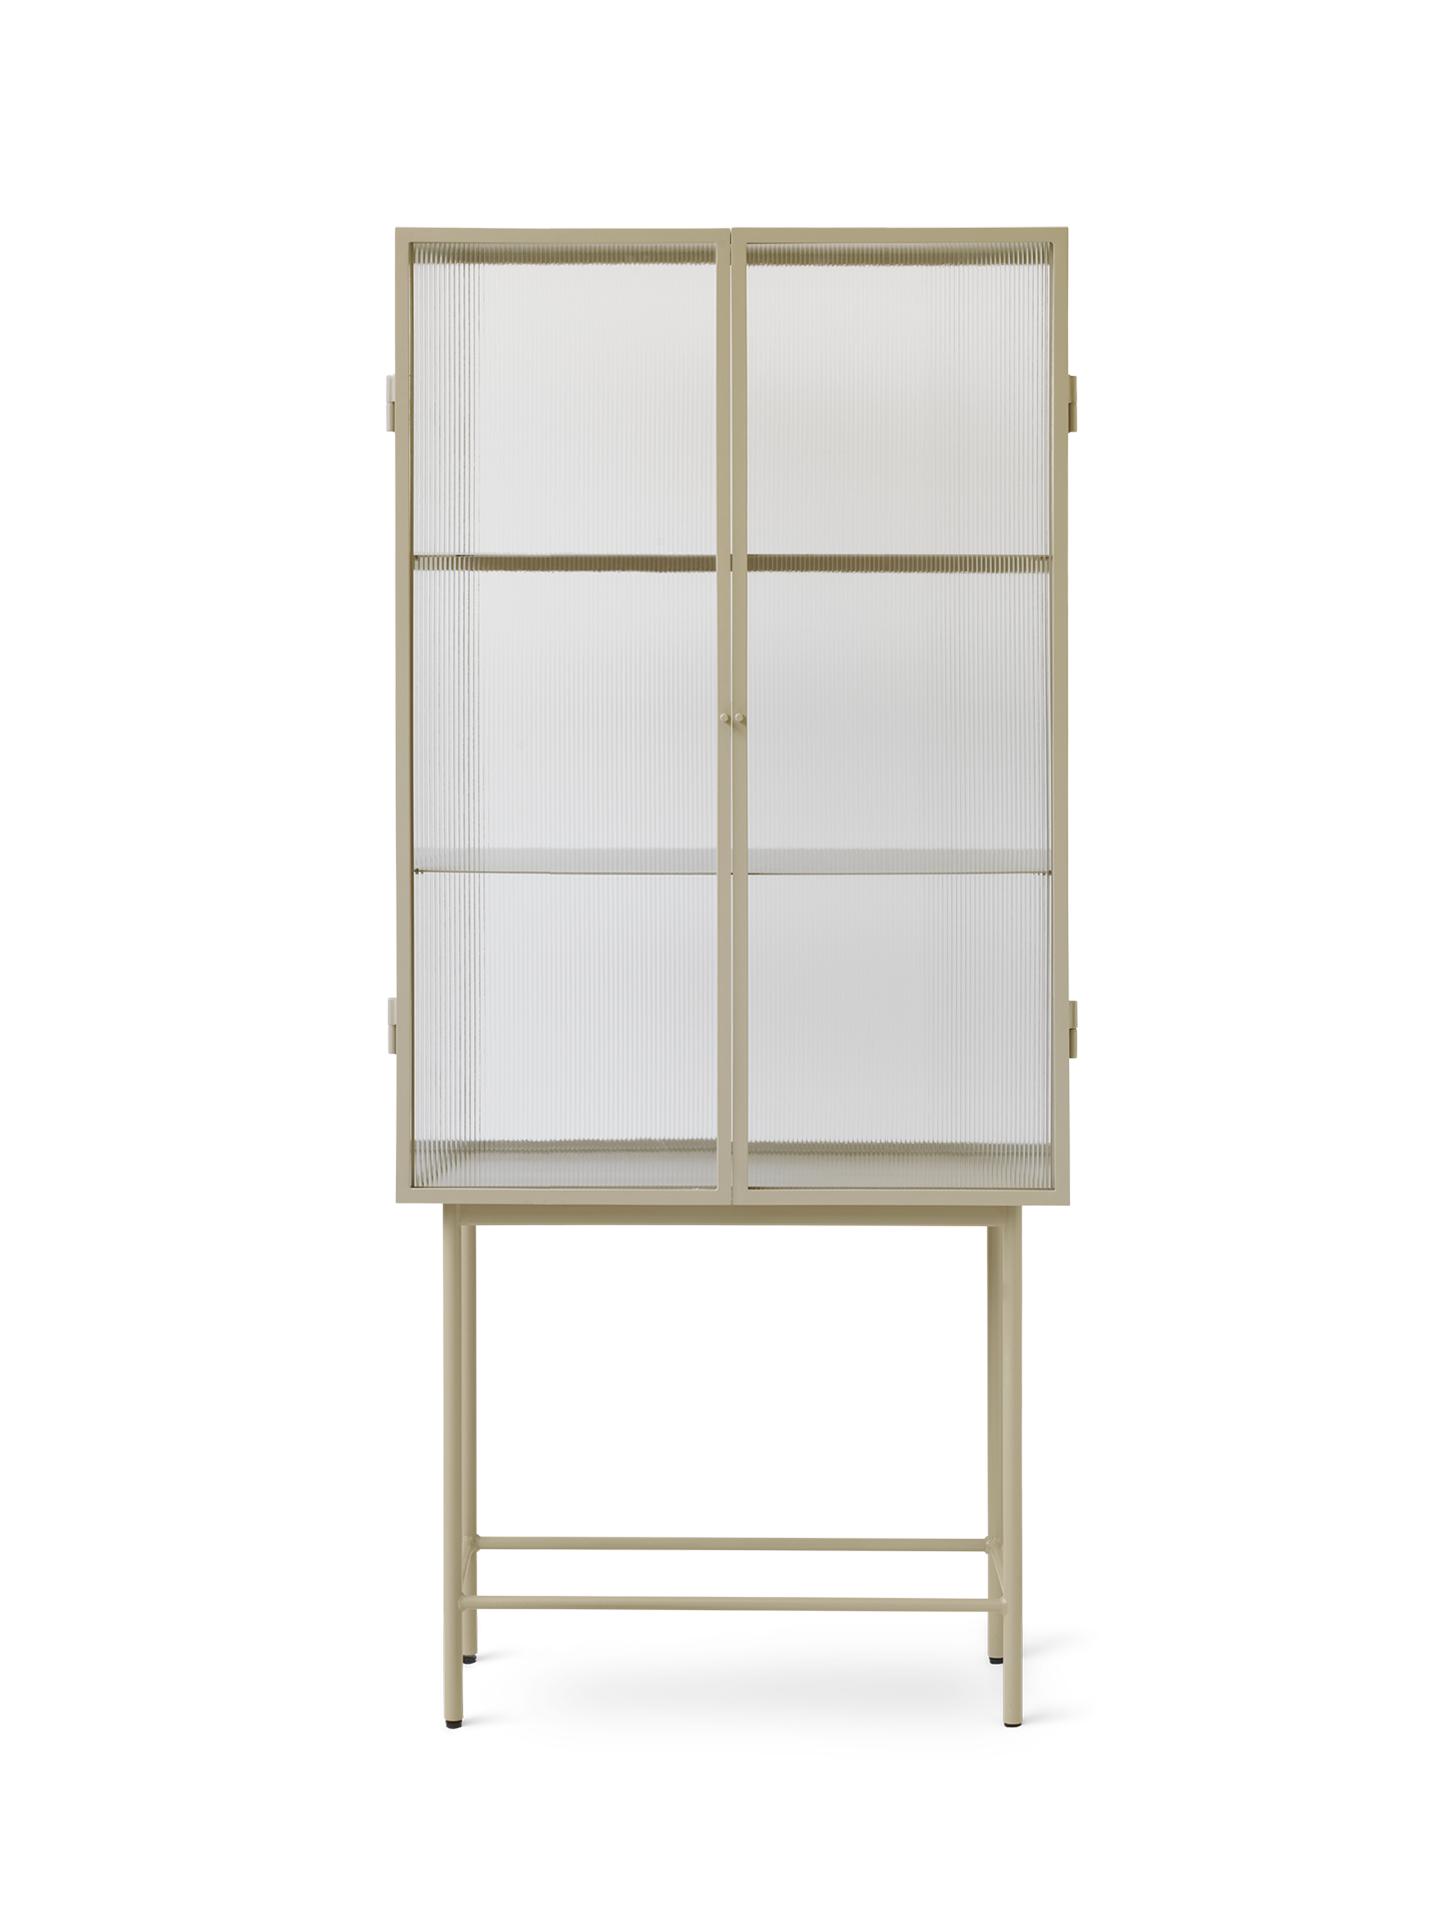 Haze Vitrine Cashmere ferm living contemporary design furniture